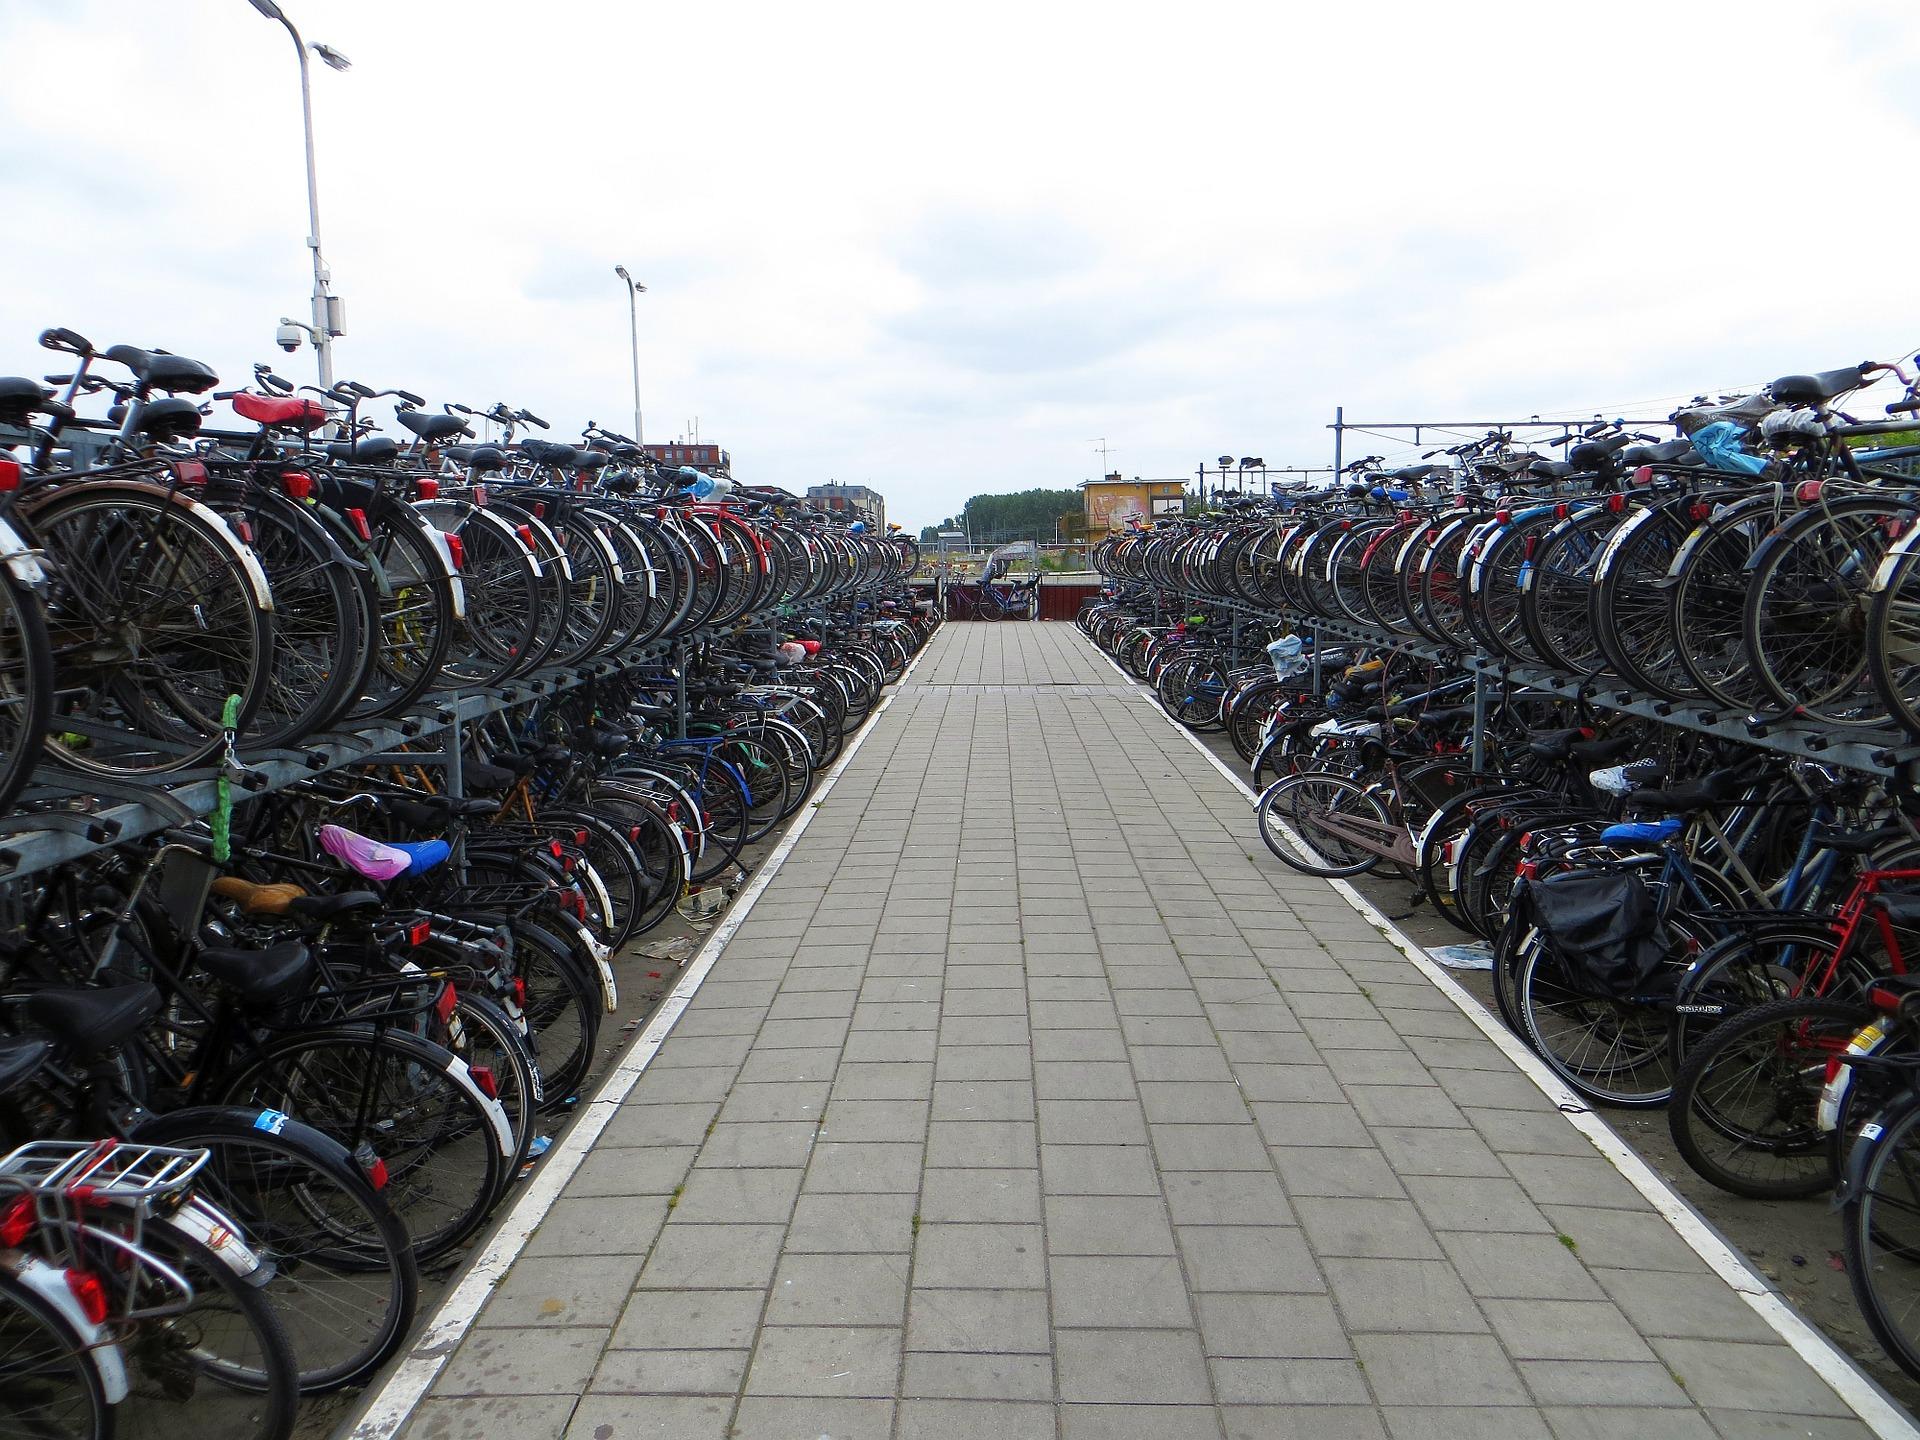 Aparcamiento de bicicletas en Delft. Foto: Pixabay